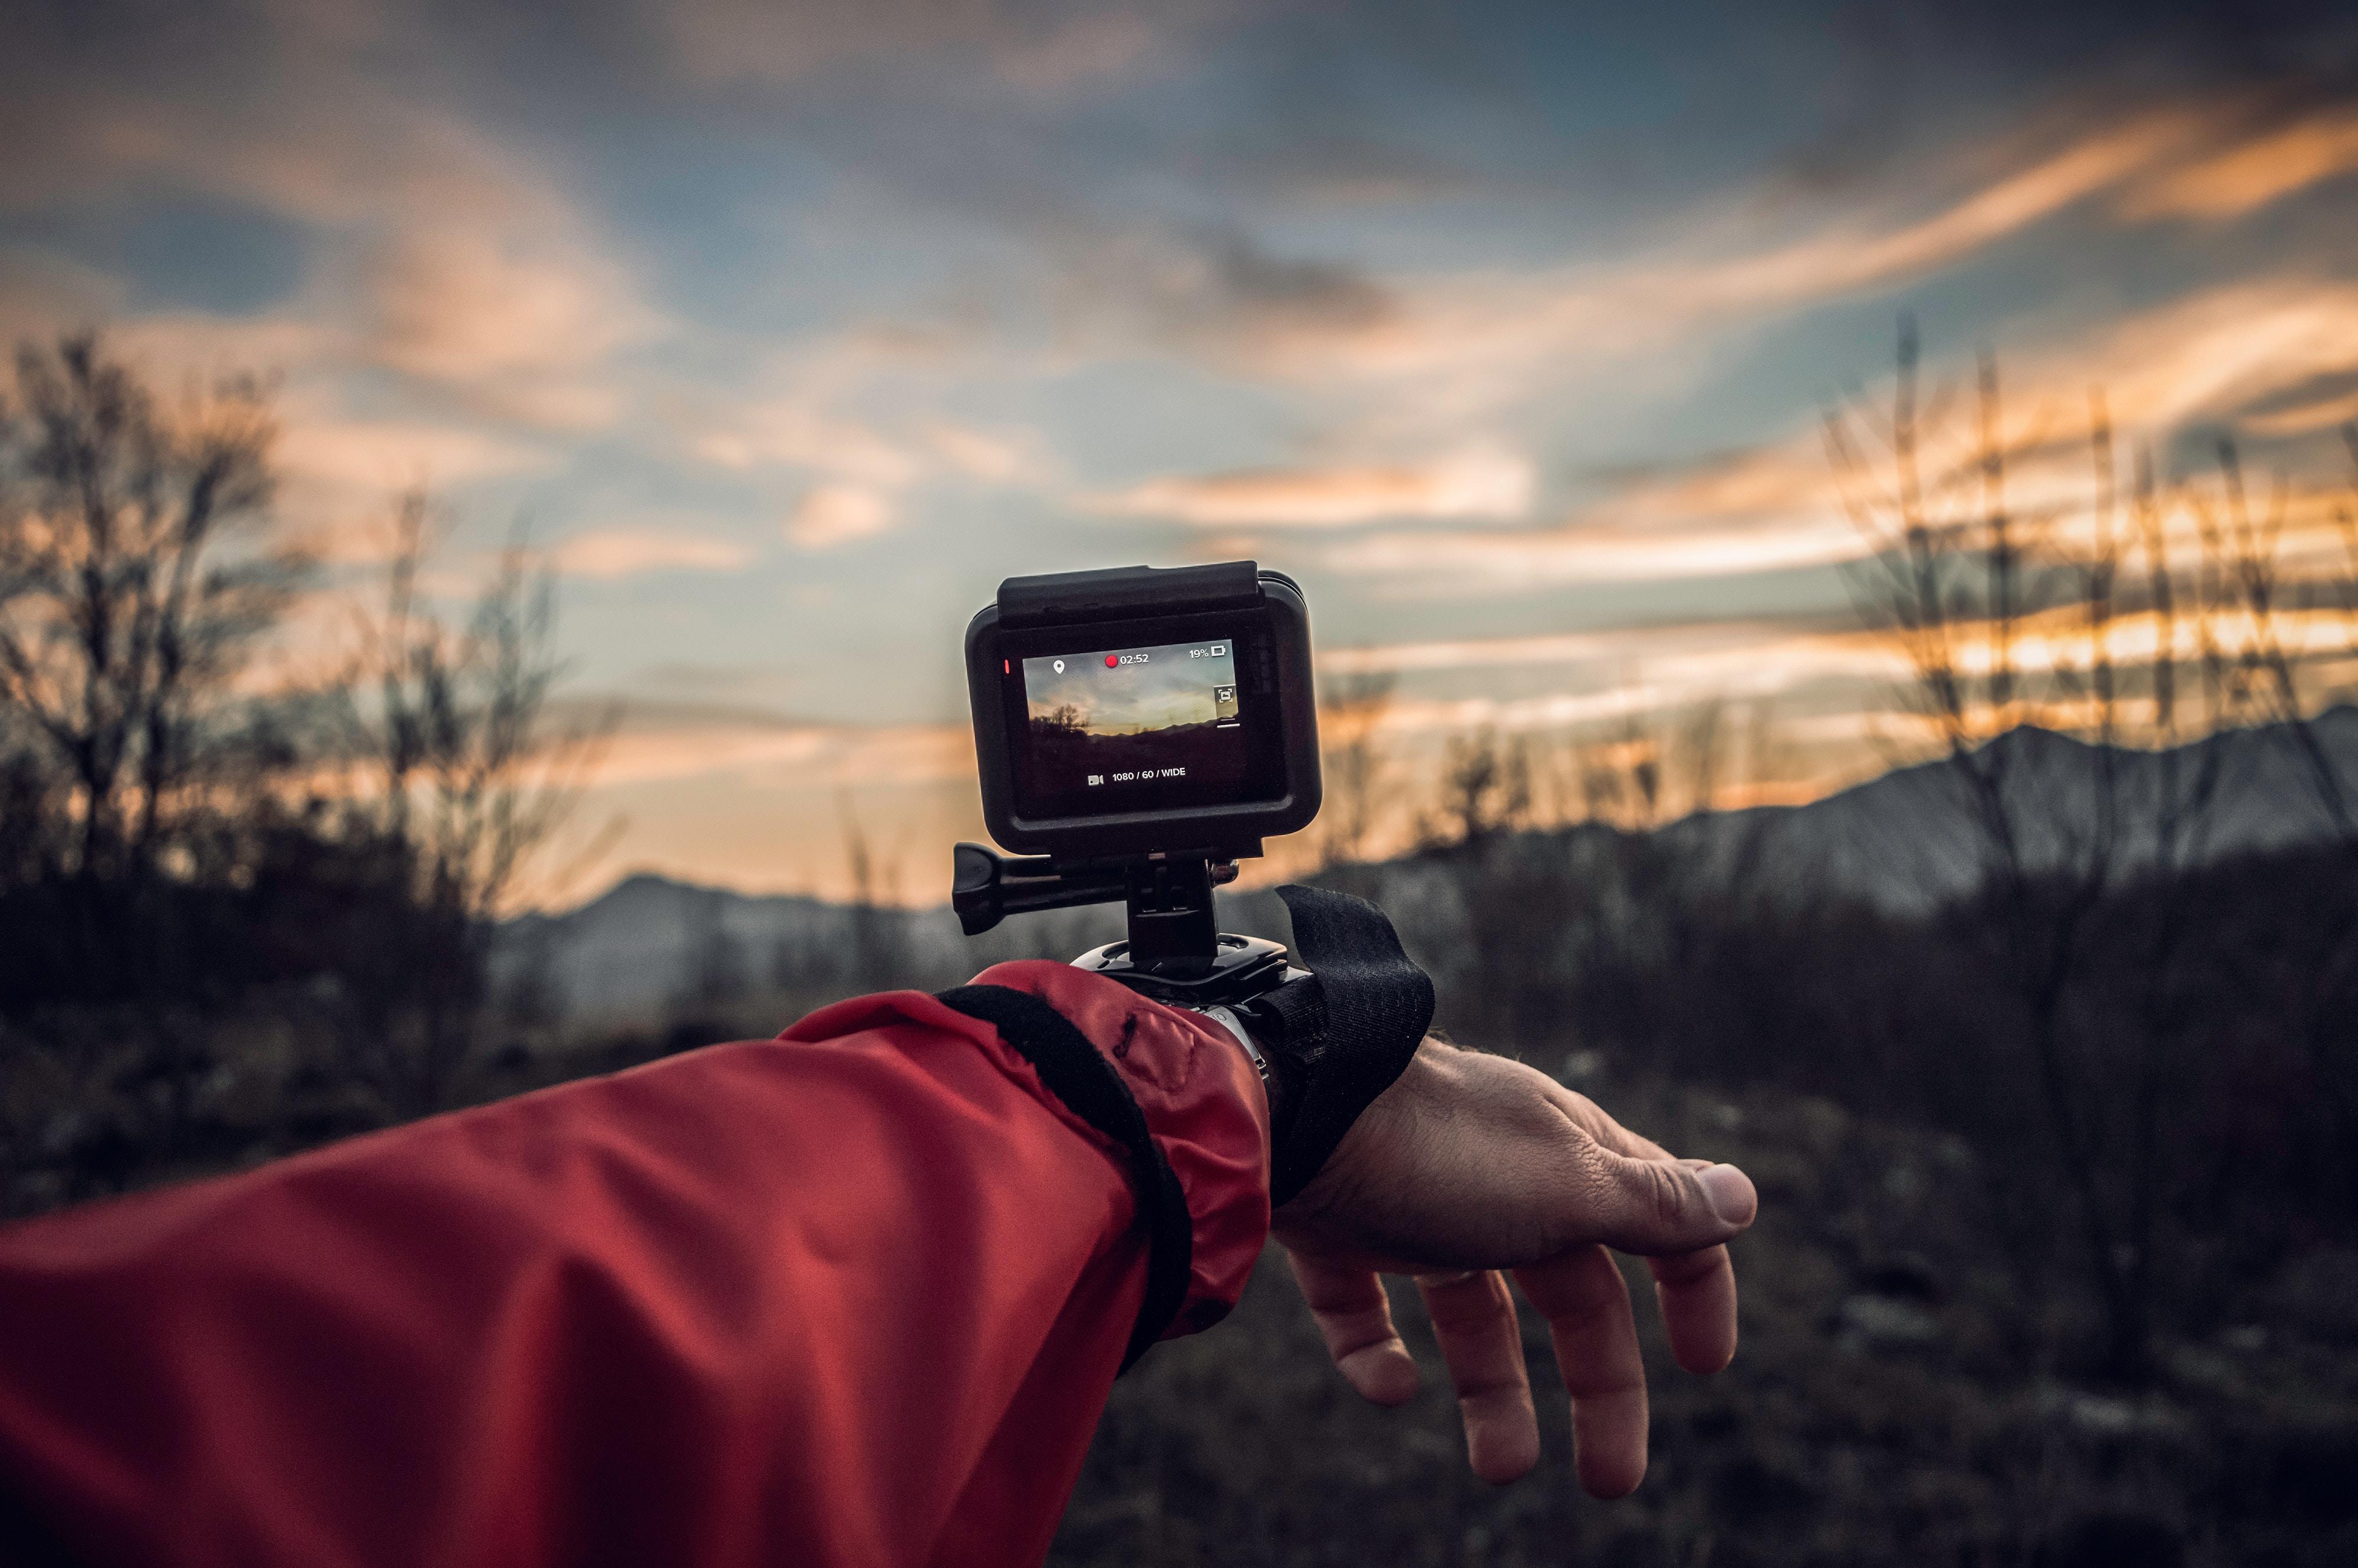 活用性高いアクションカメラ